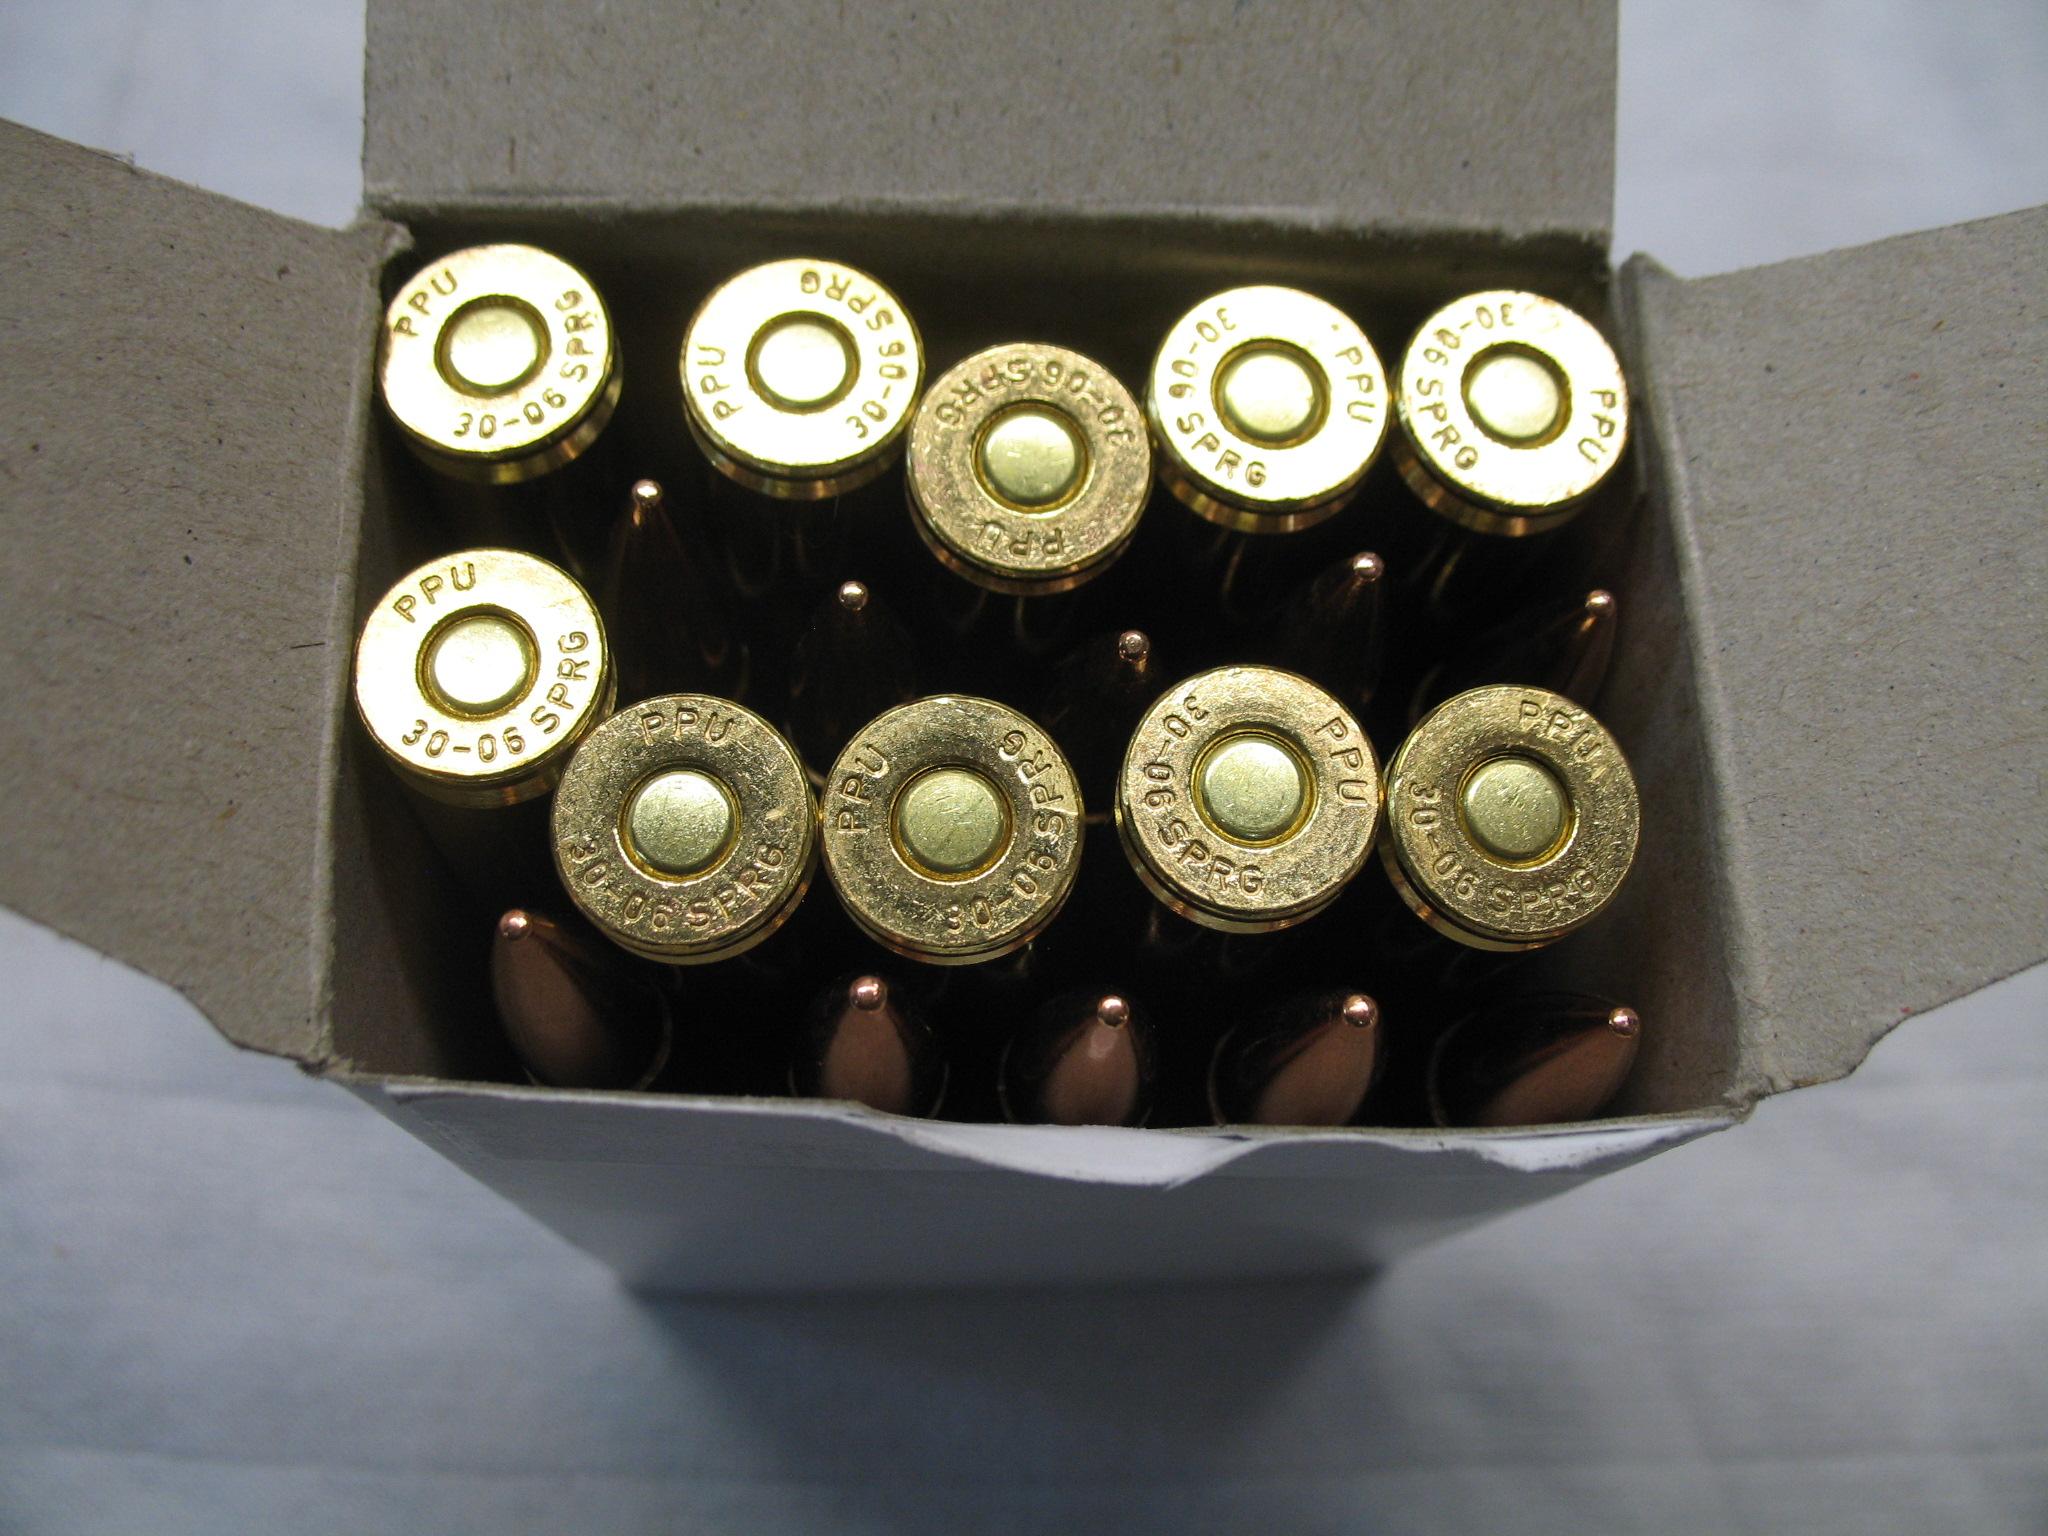 m1 garand ammunition